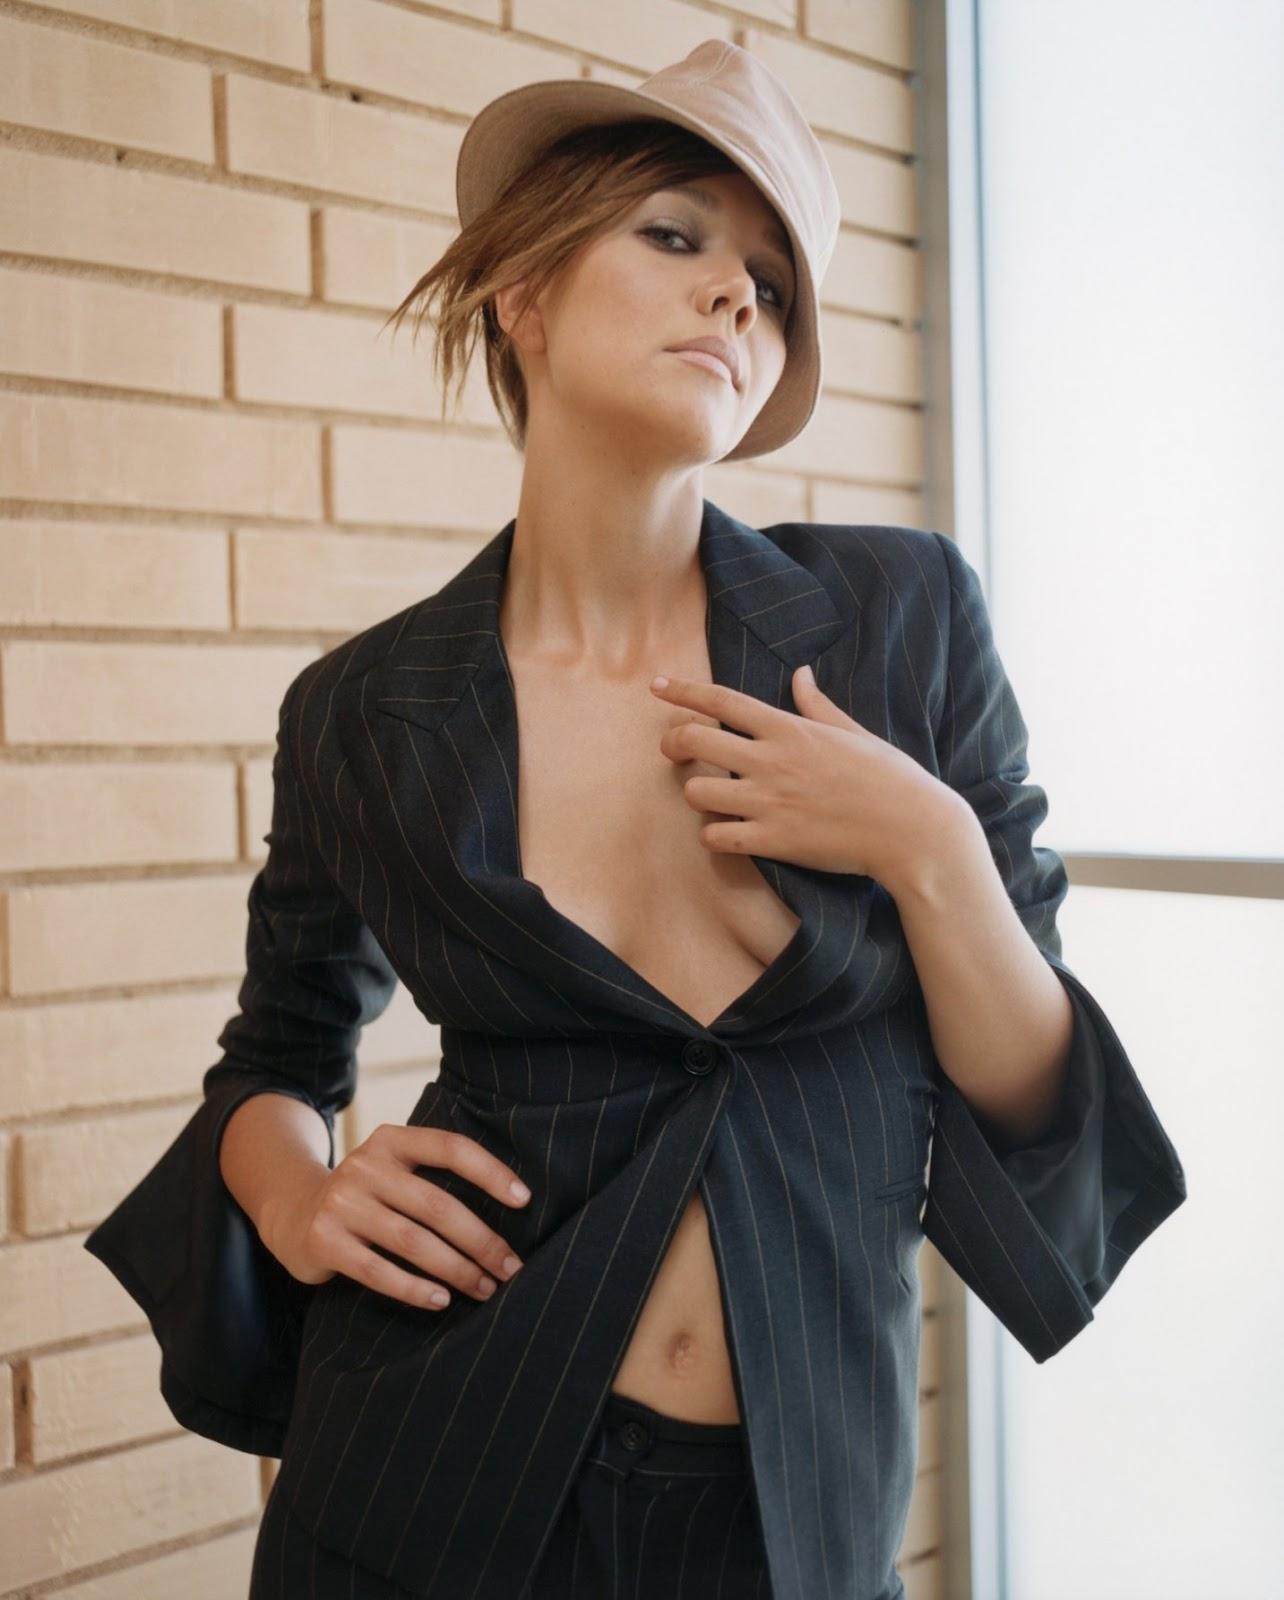 Maggie erotic